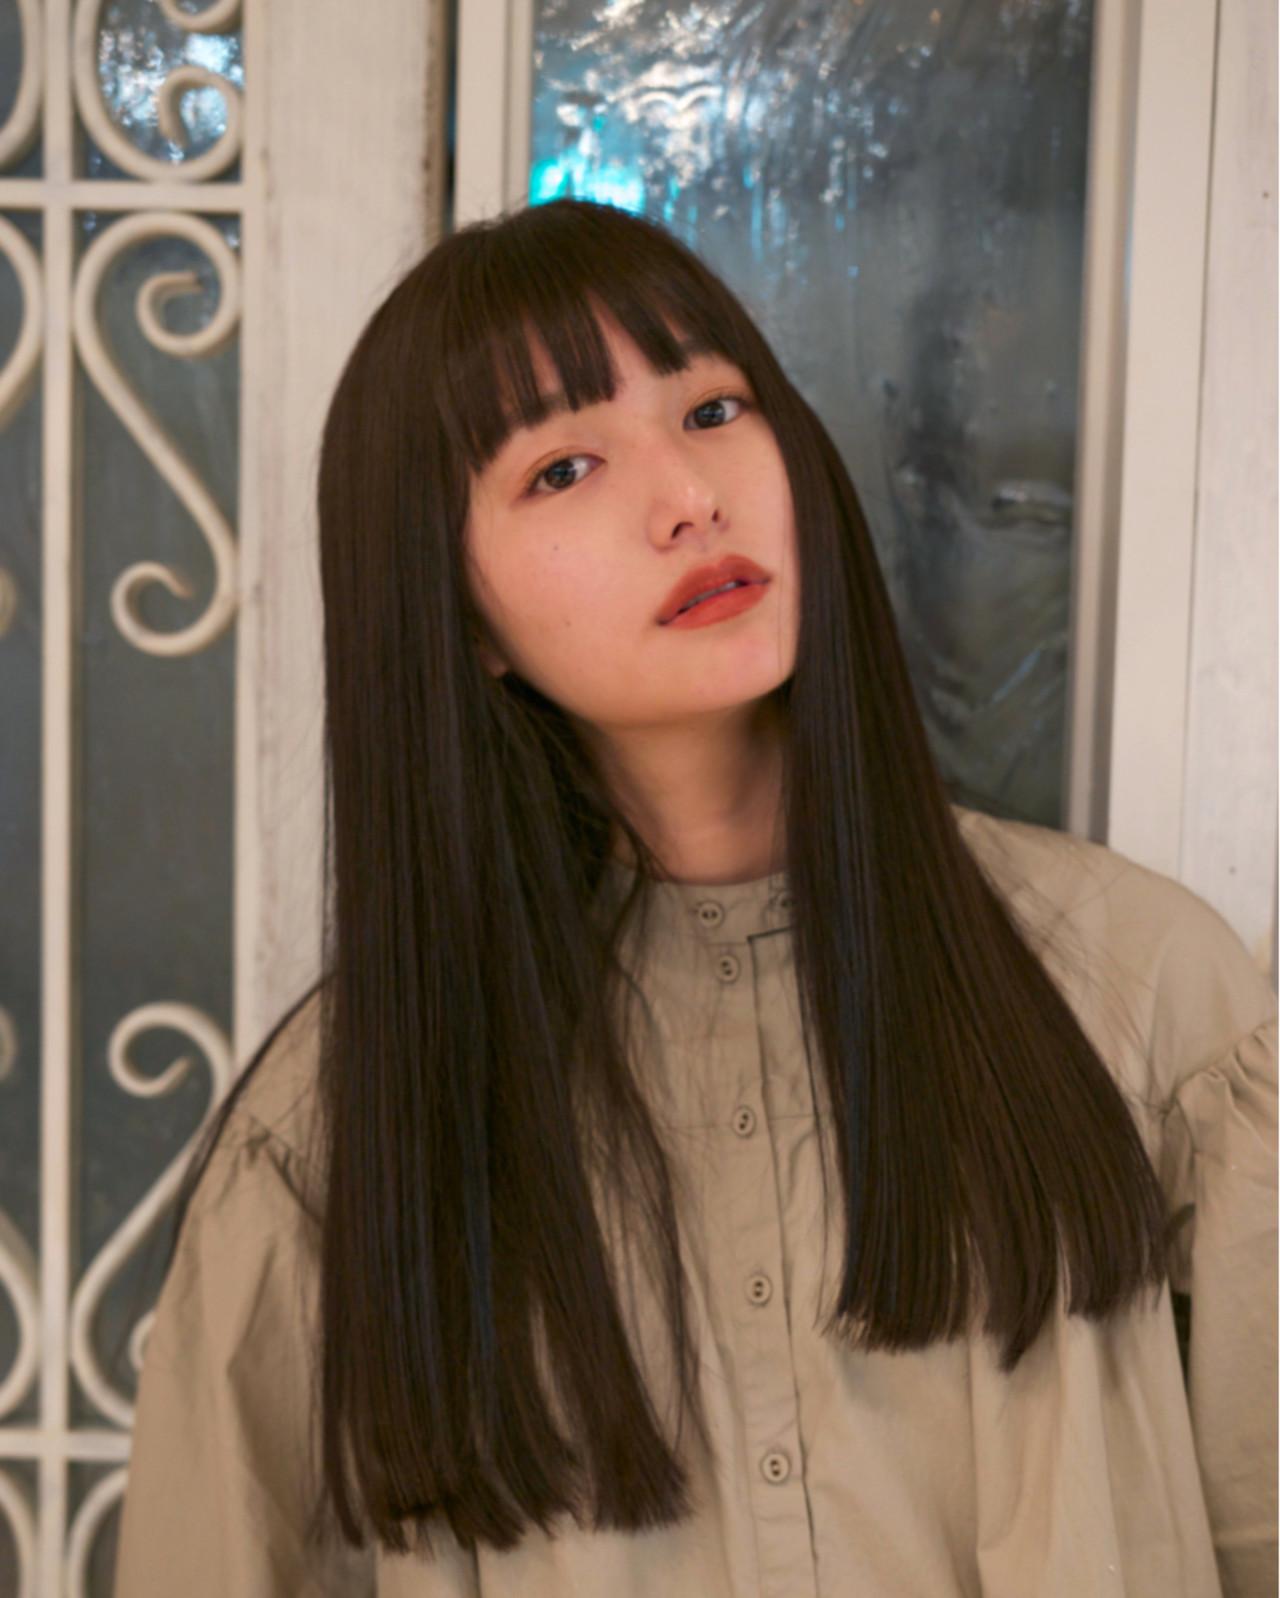 ナチュラル ロング ゆるふわ グレージュ ヘアスタイルや髪型の写真・画像 | 佐脇 正徳 / LOAVE AOYAMA(ローヴ アオヤマ)